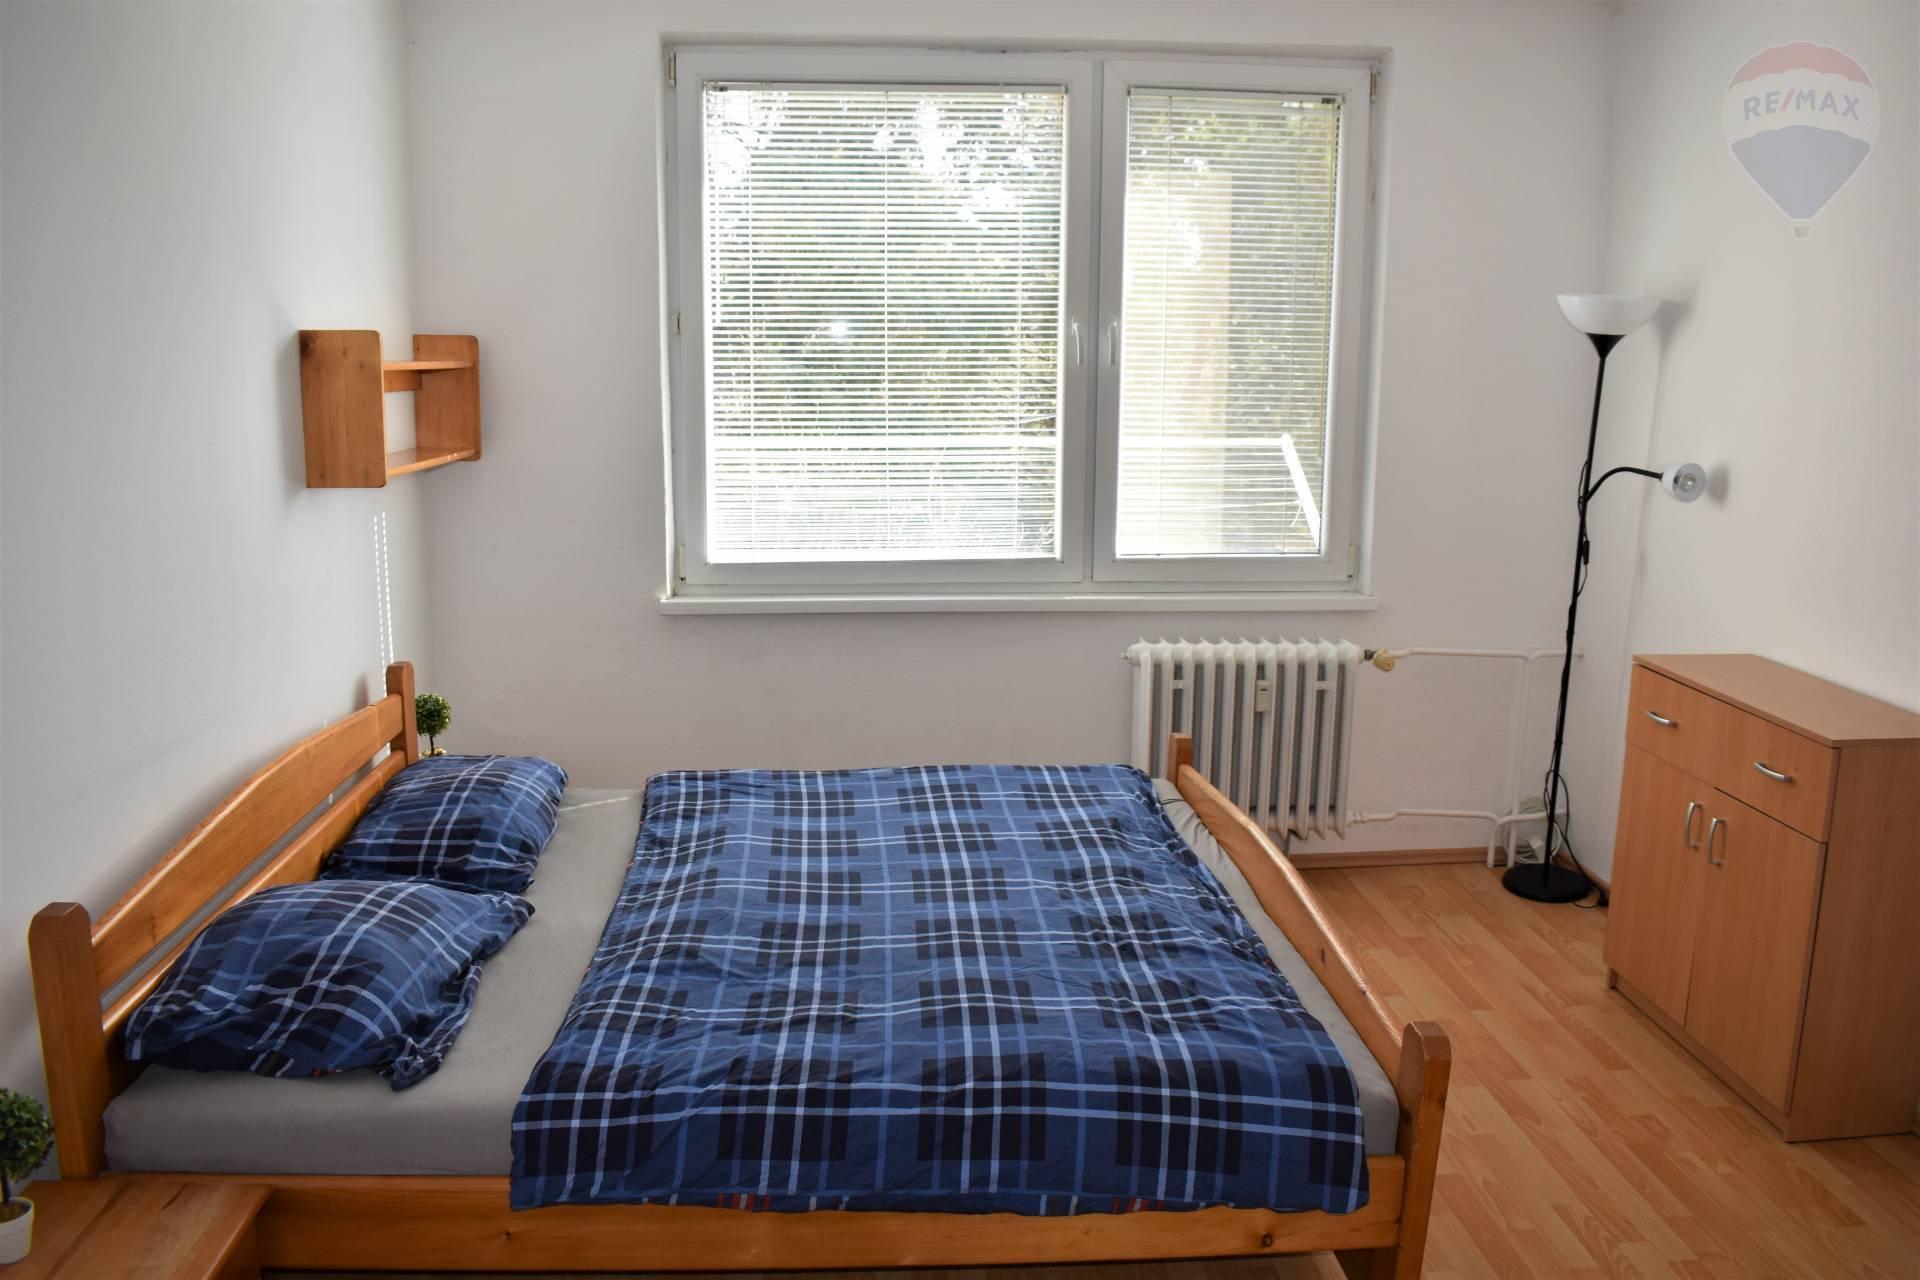 Prenájom bytu (1 izbový) 36 m2, Nitra - Spálňa